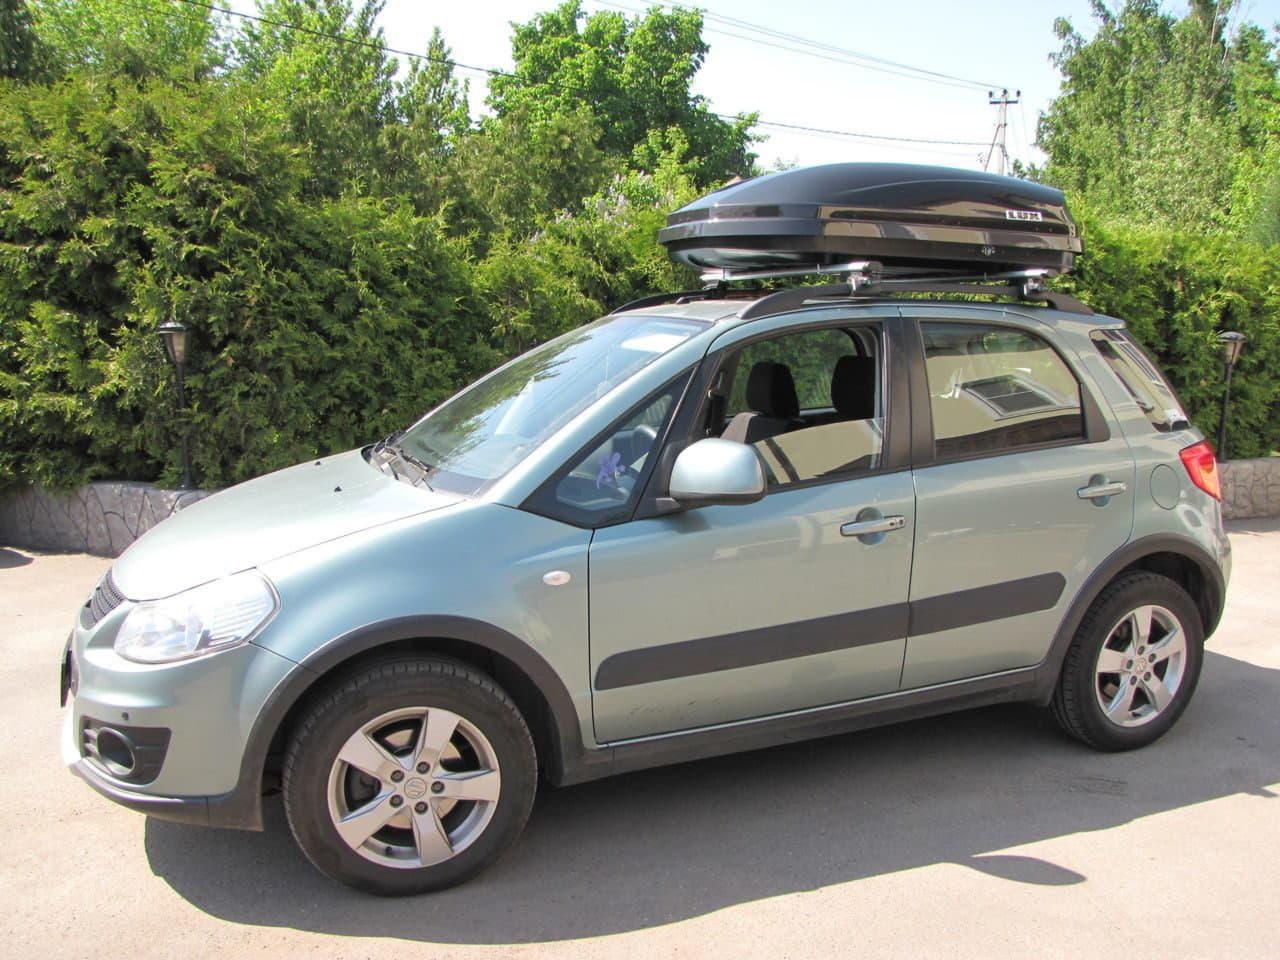 Где взять багажник на крышу в прокат?